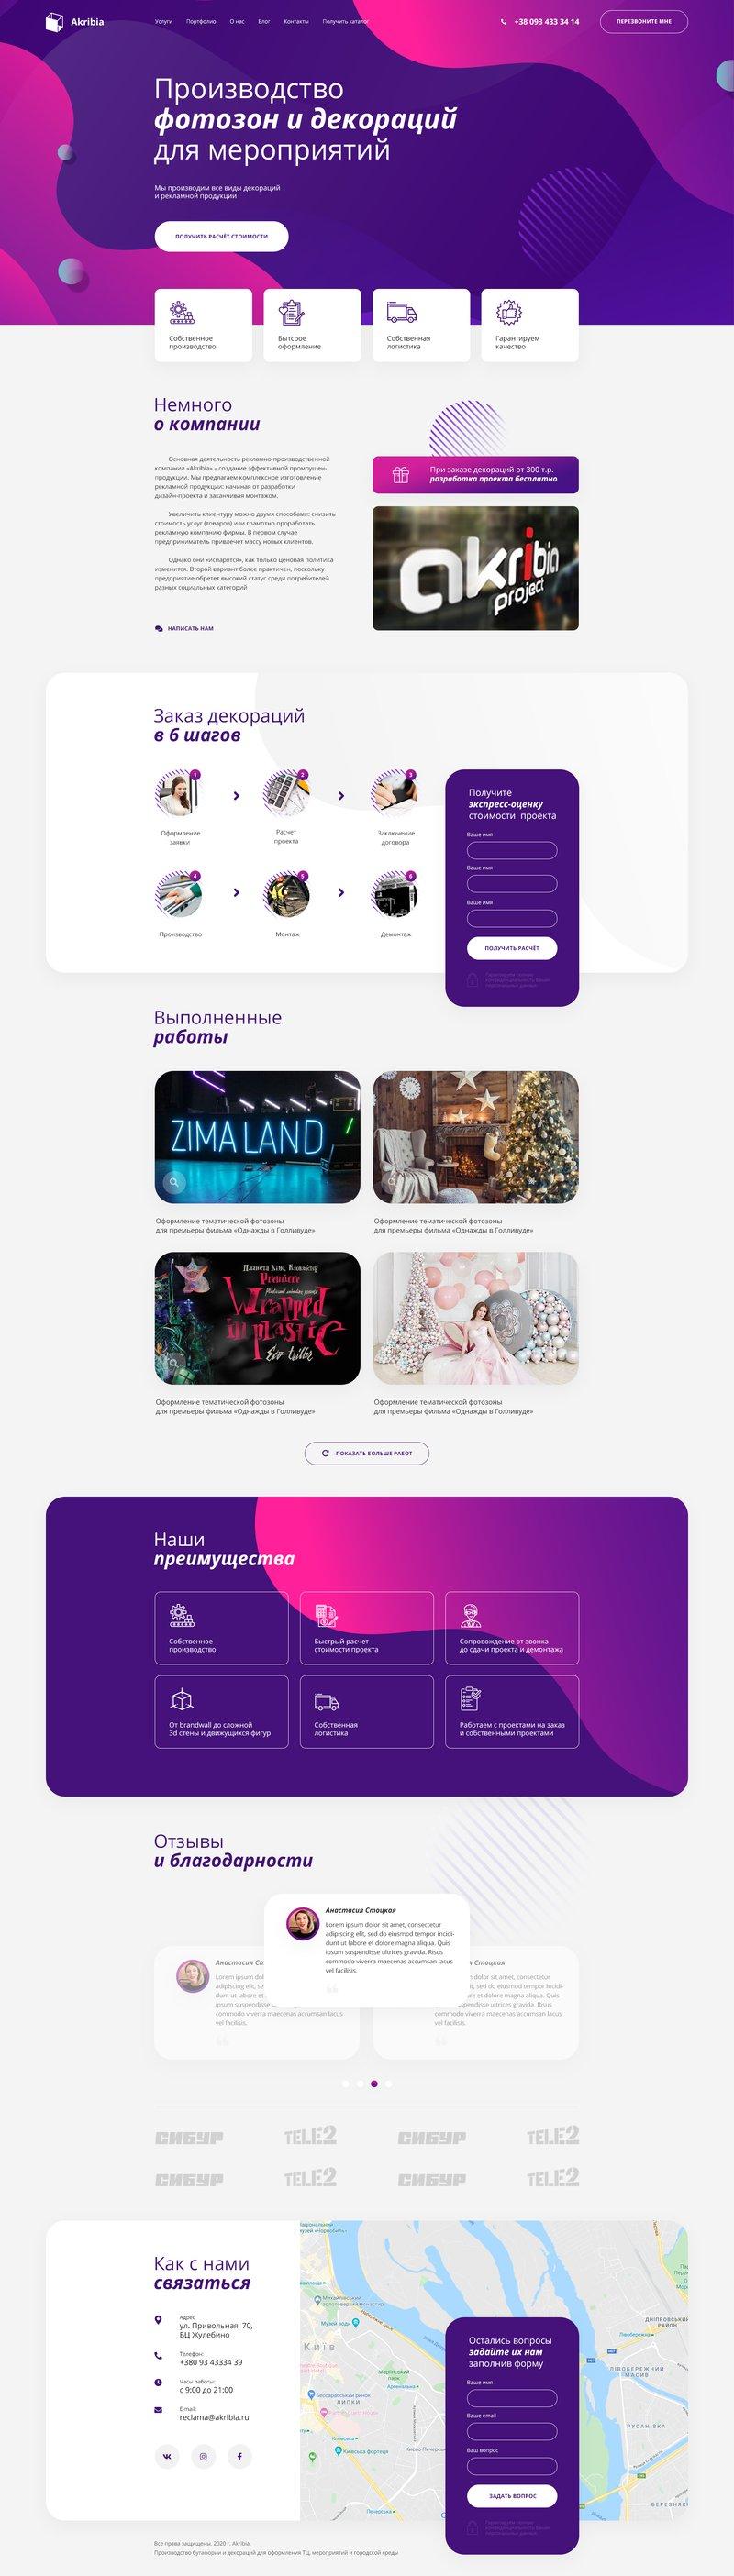 Дизайн сайта декораций для фотозон – работа в портфолио фрилансера